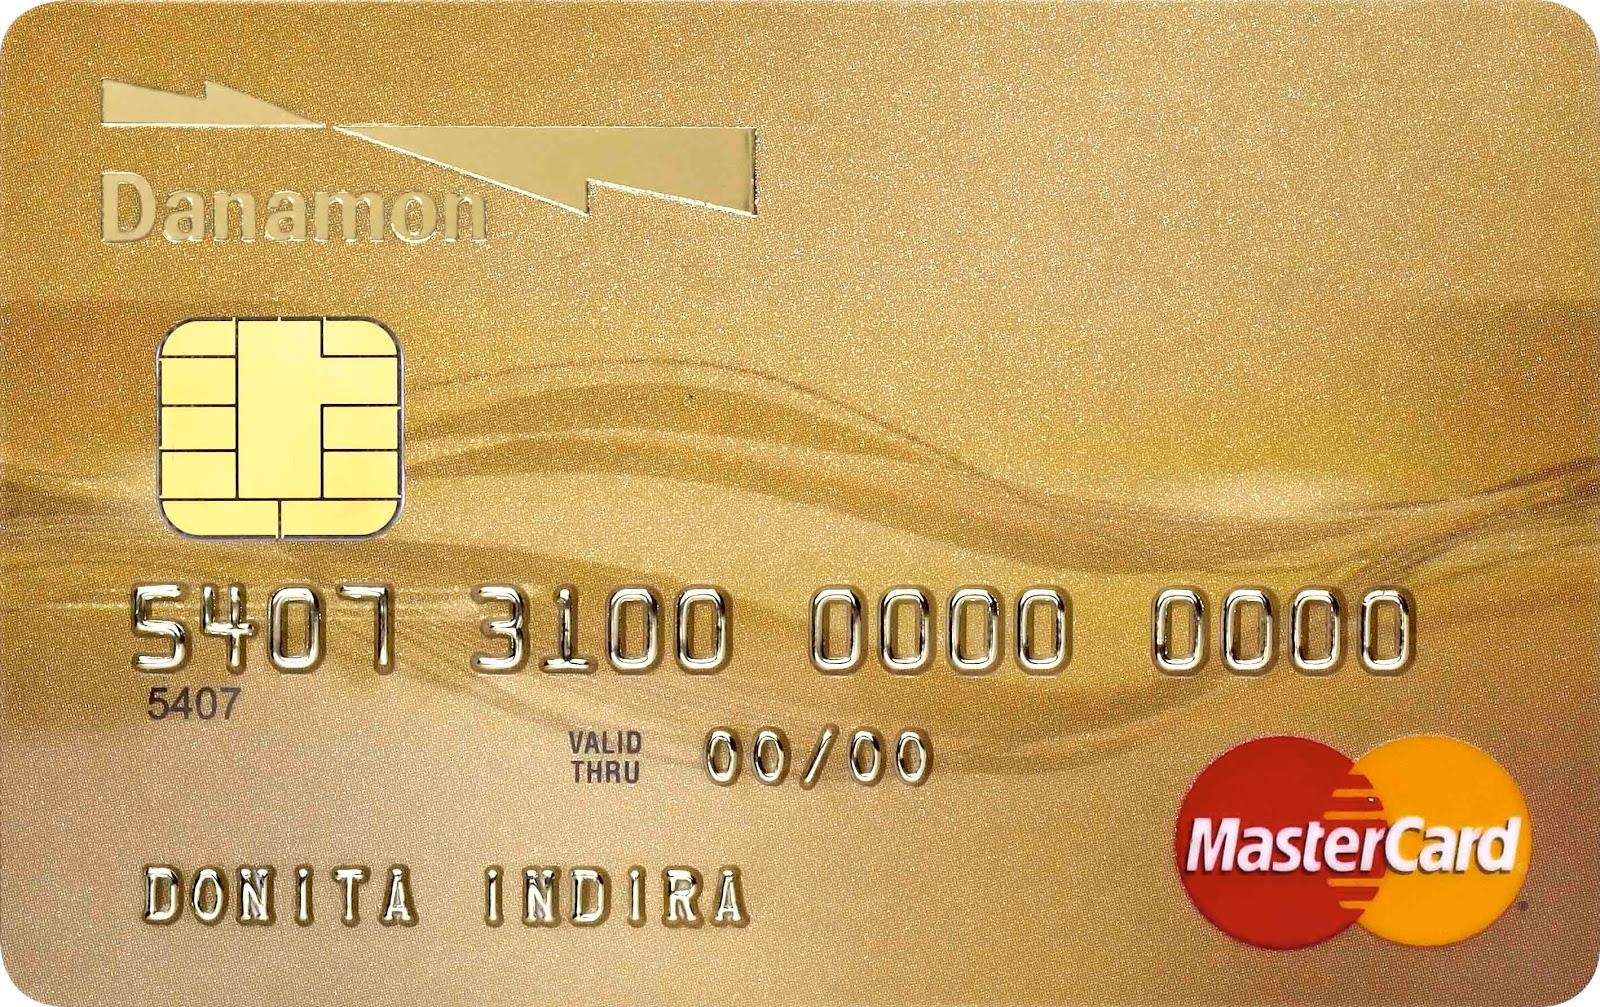 contoh kartu kredit danamon gold card contoh penampilan kartu kredit ...